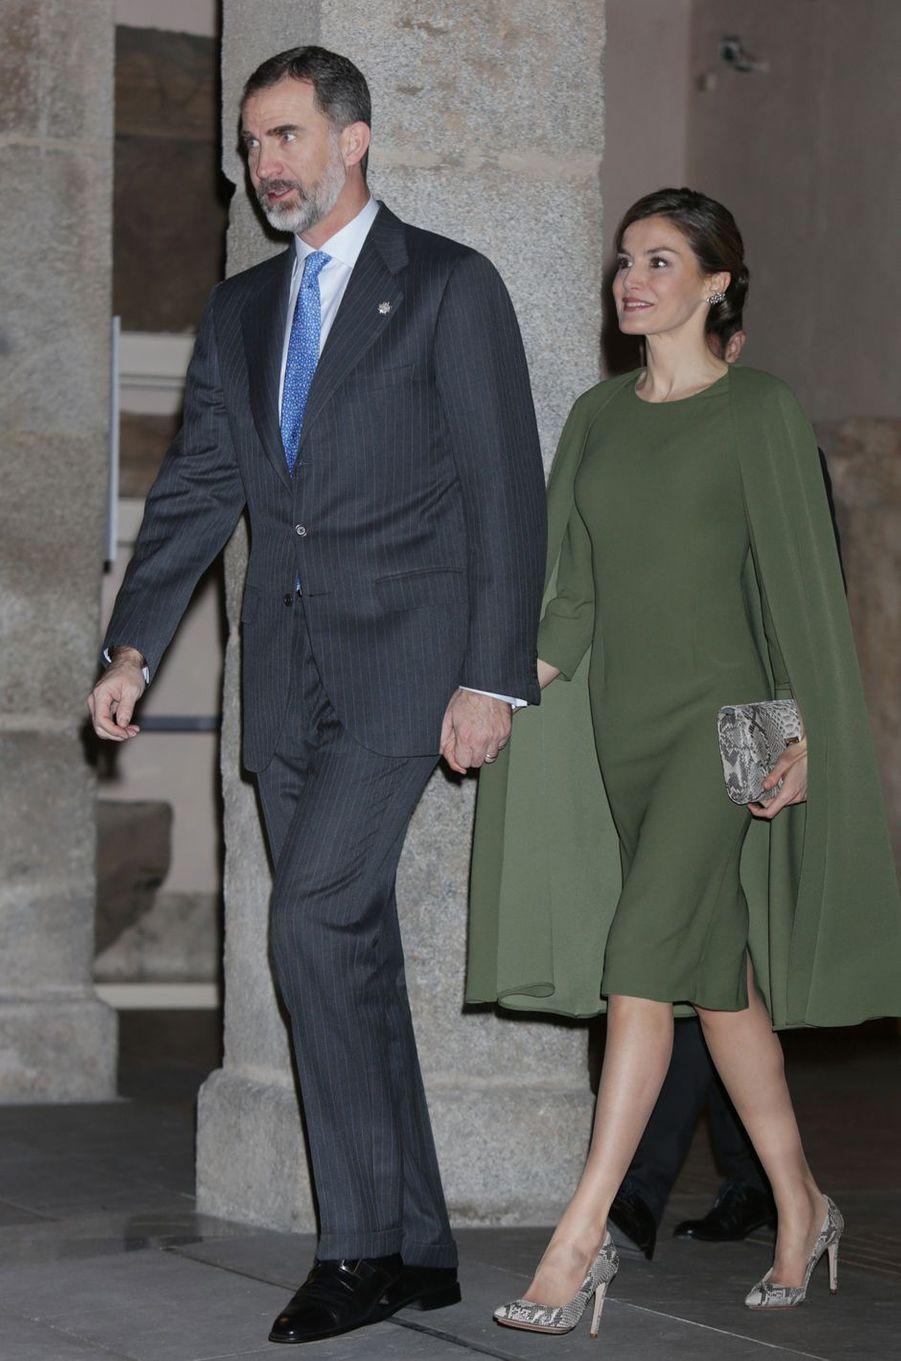 Le roi Felipe VI et la reine Letizia d'Espagne à Alcalá de Henares, le 6 février 2017